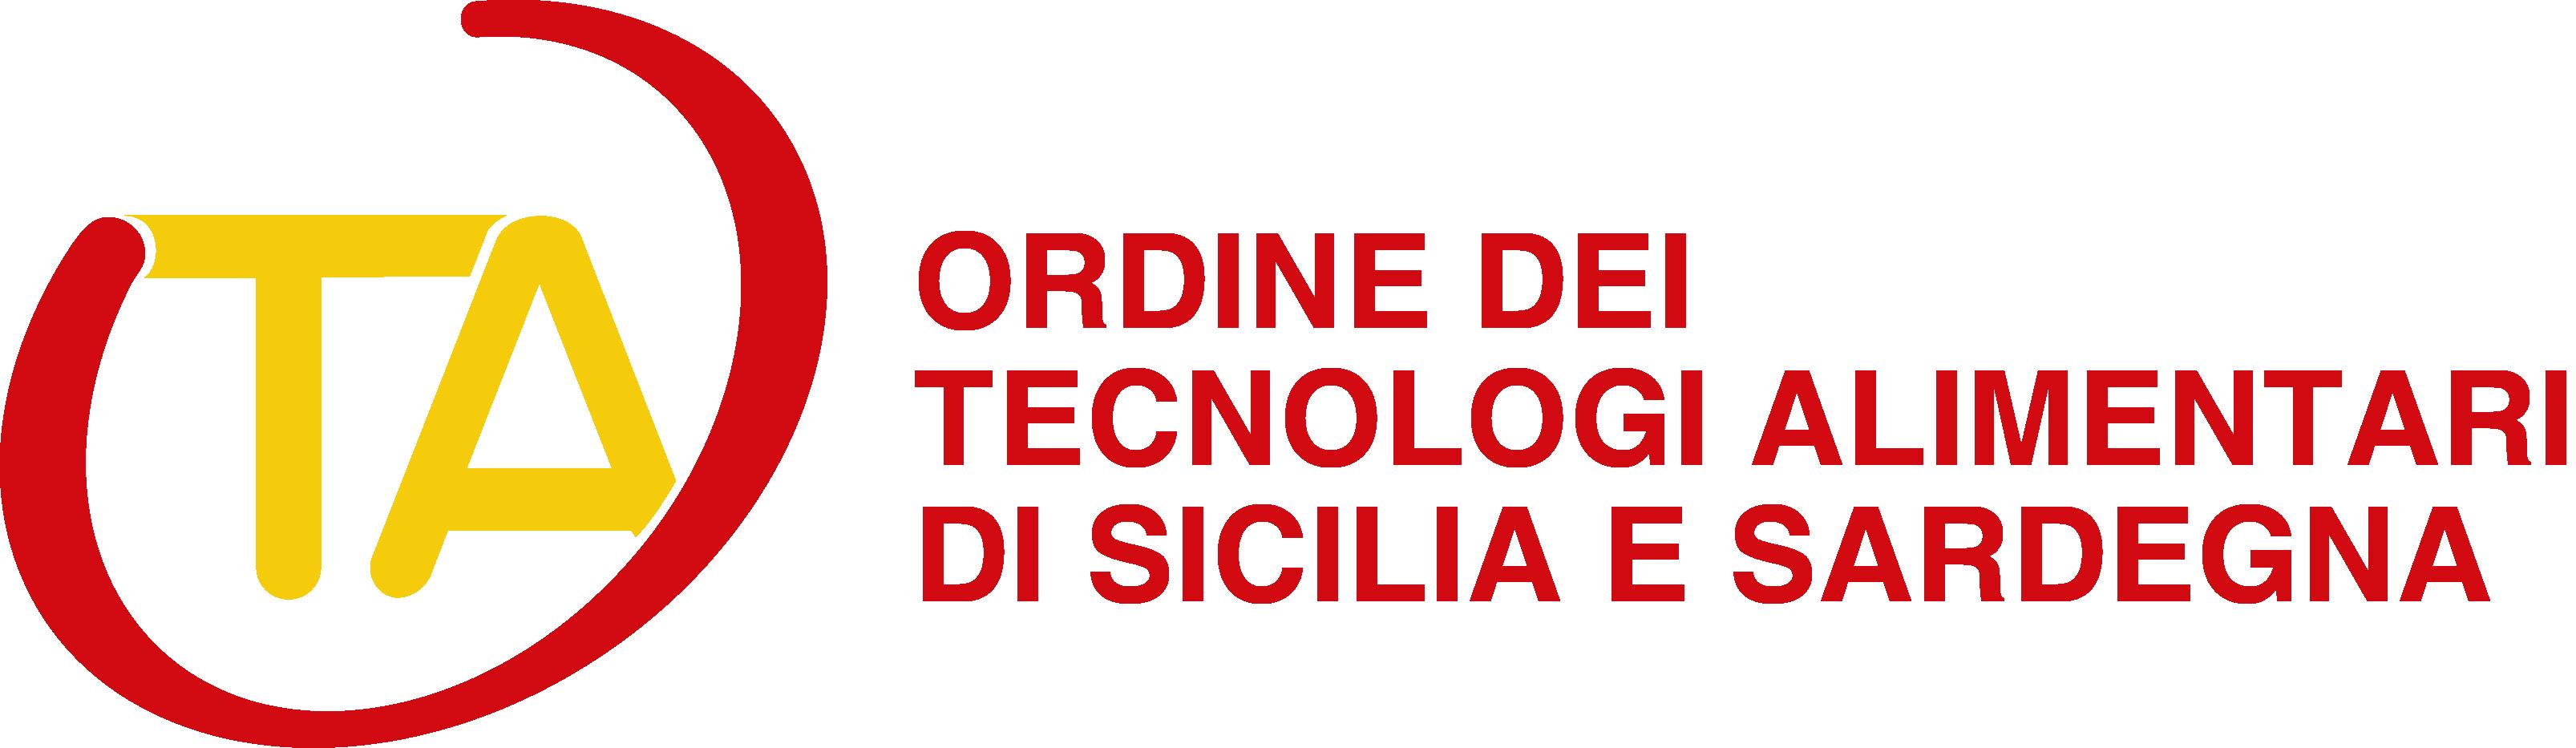 Ordine dei Tecnologi Alimentari Sicilia e Sardegna